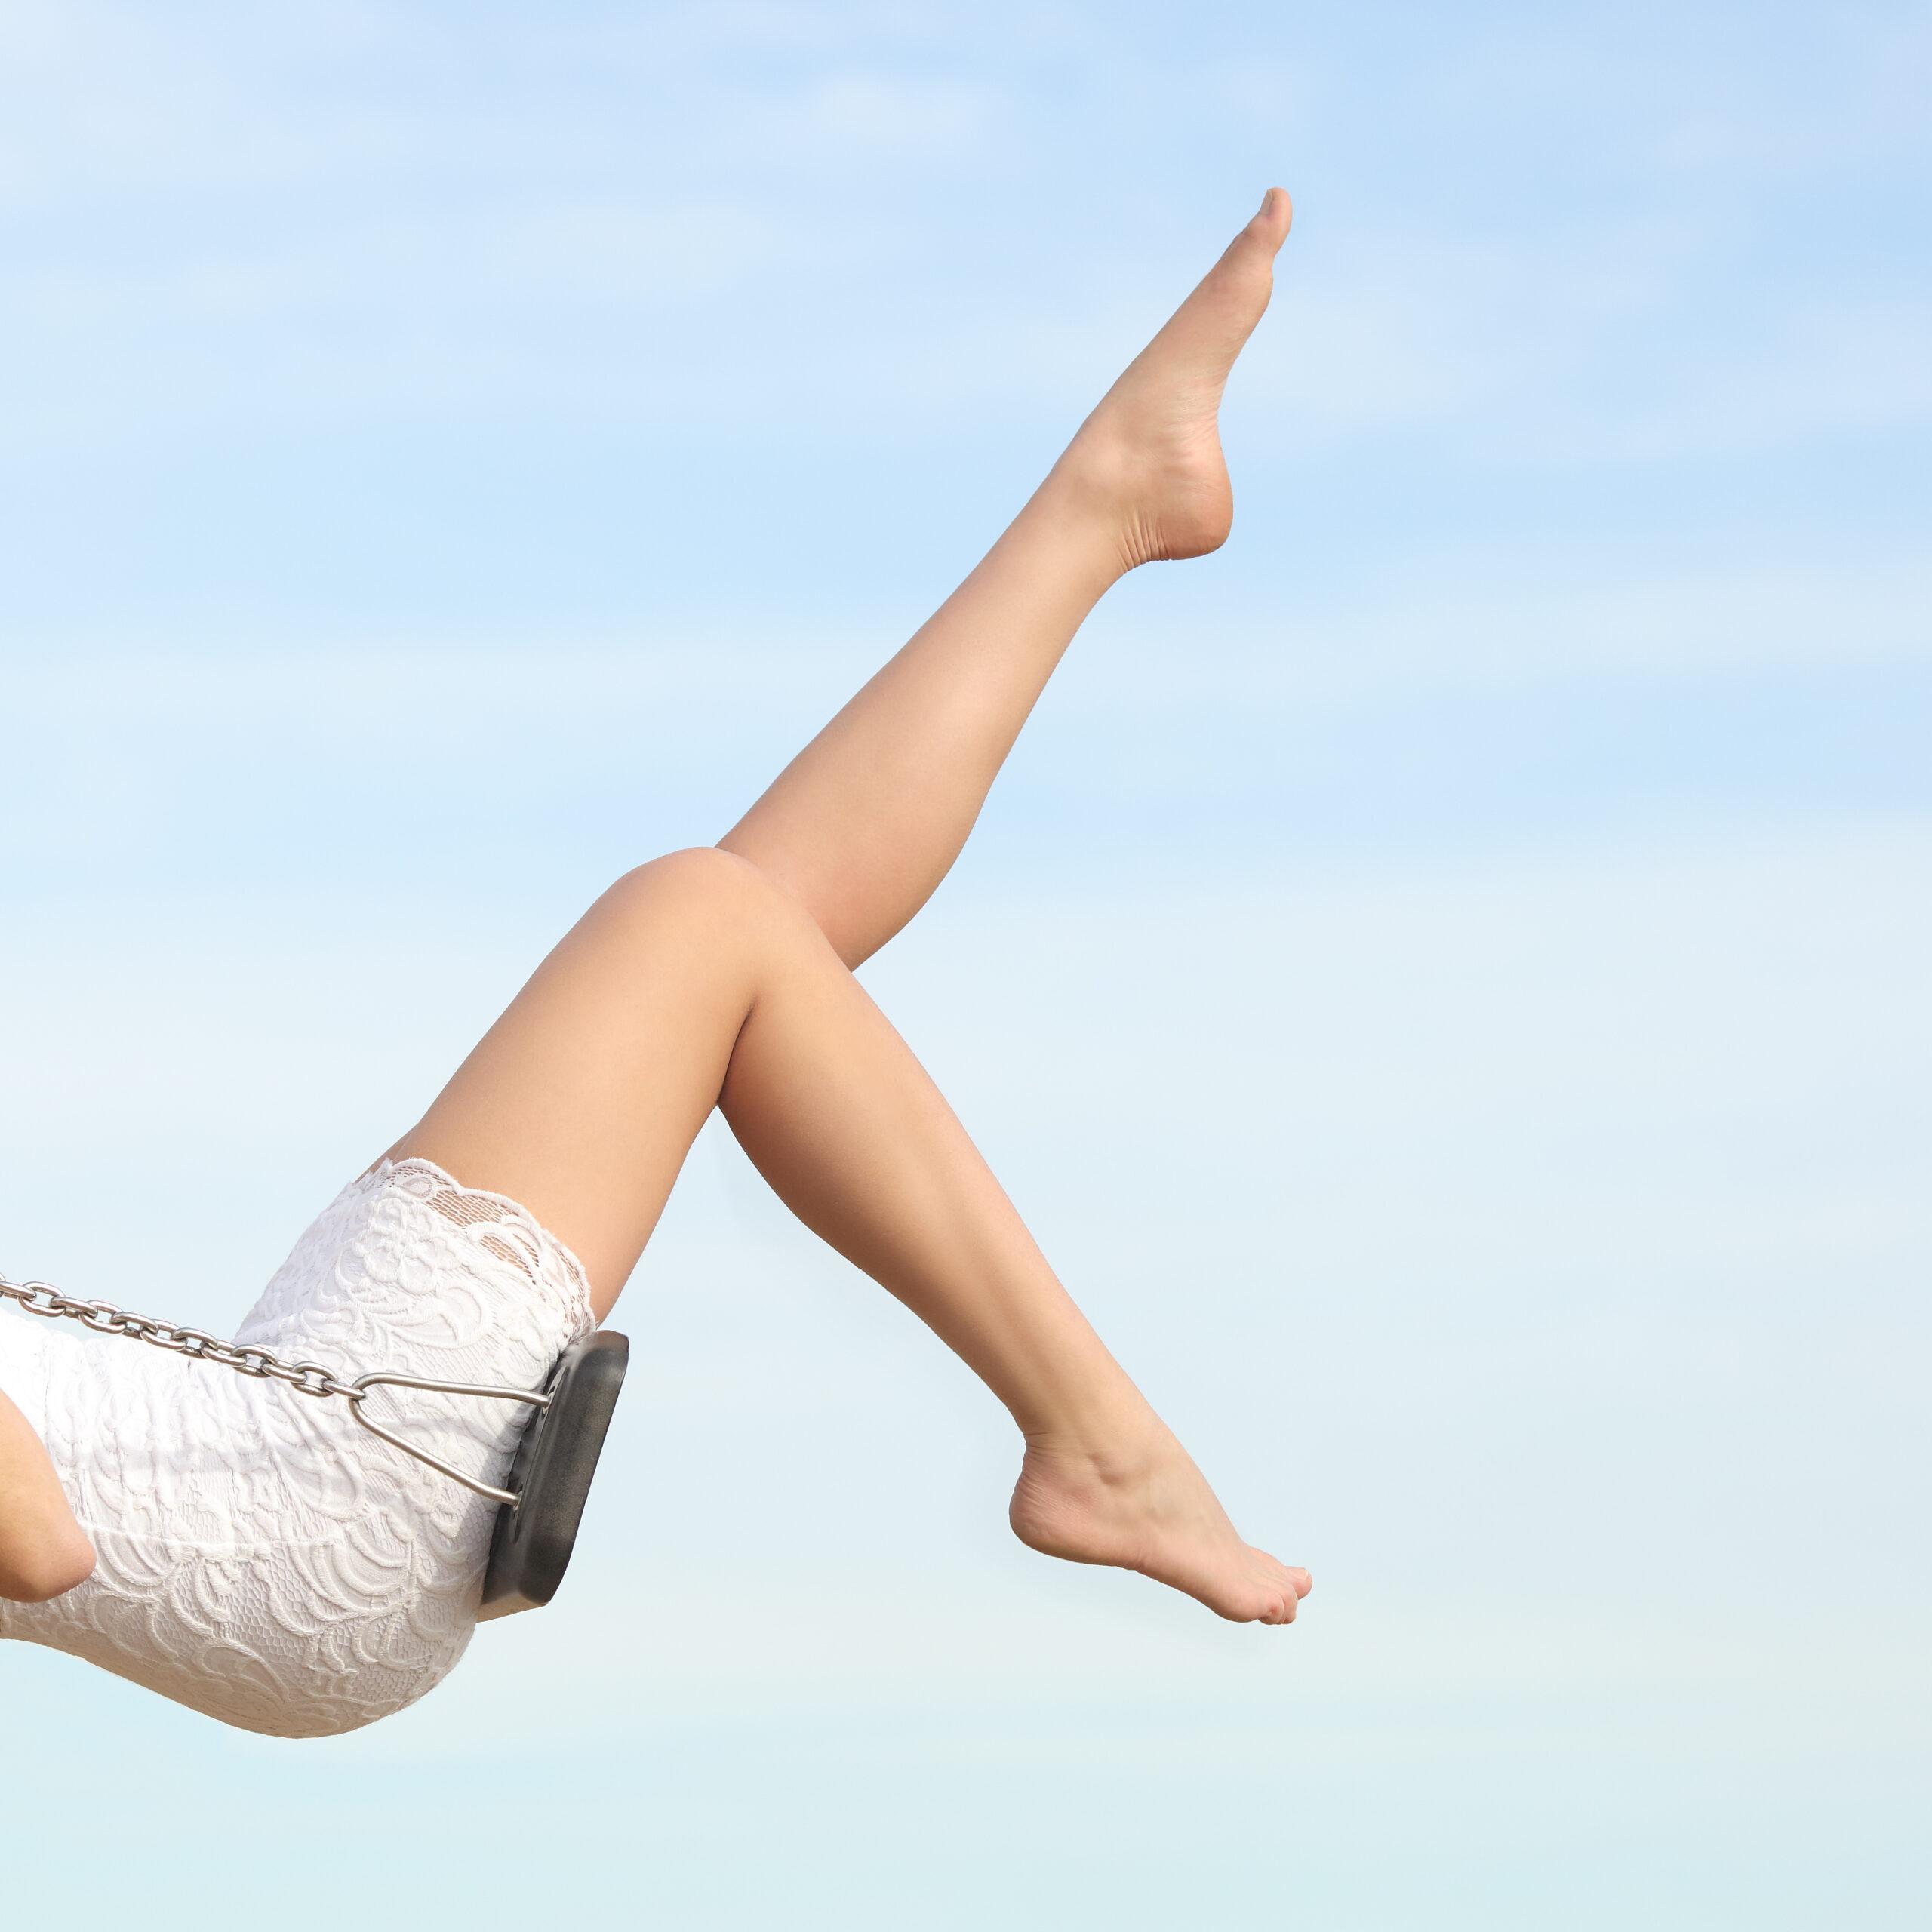 隙間時間に簡単にできる脚パカ体操